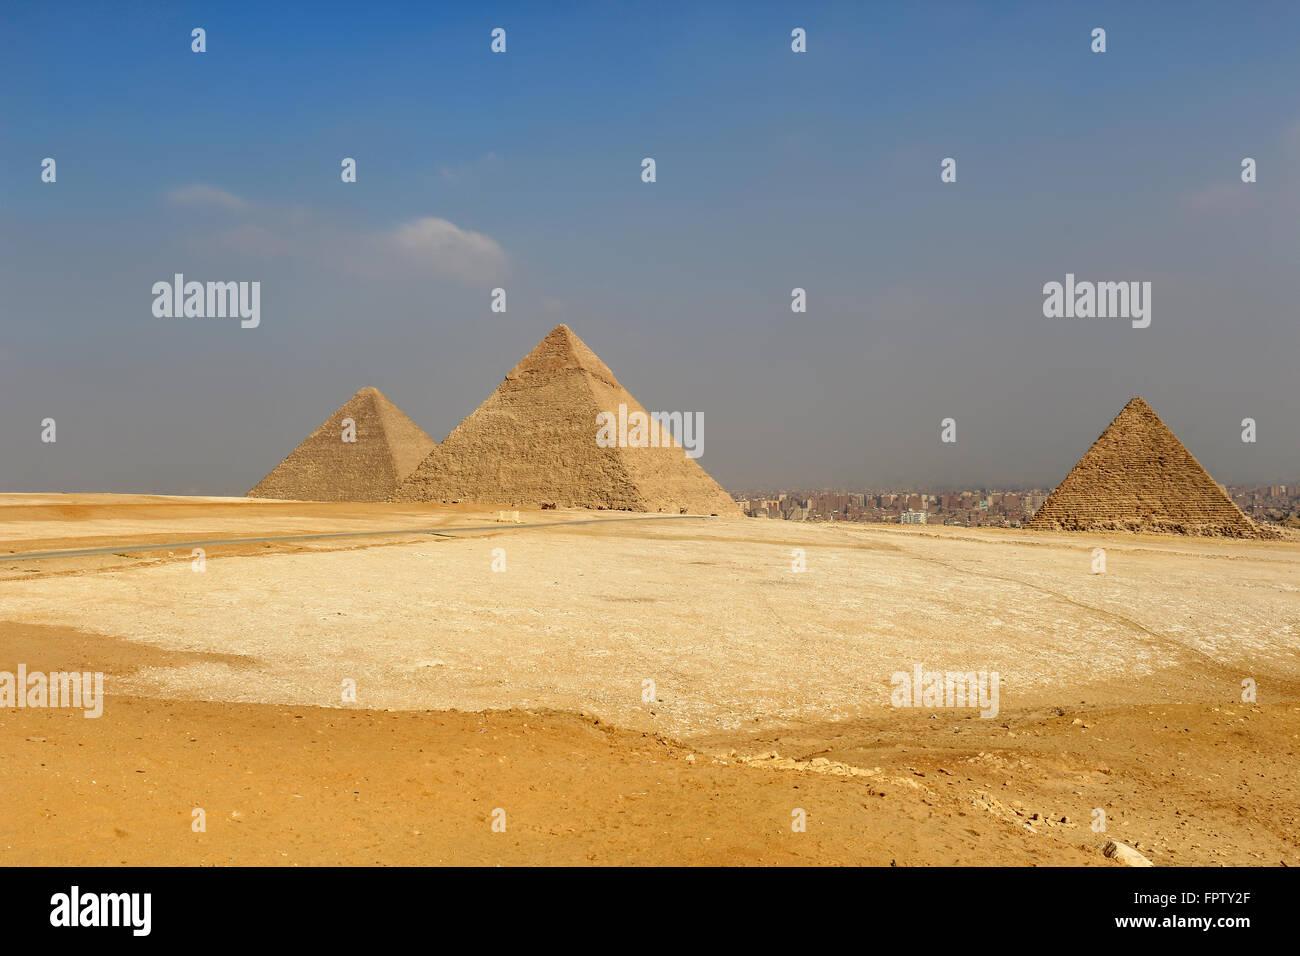 Las pirámides de Giza, estructuras hechas por el hombre del Antiguo Egipto en las doradas arenas del desierto Imagen De Stock